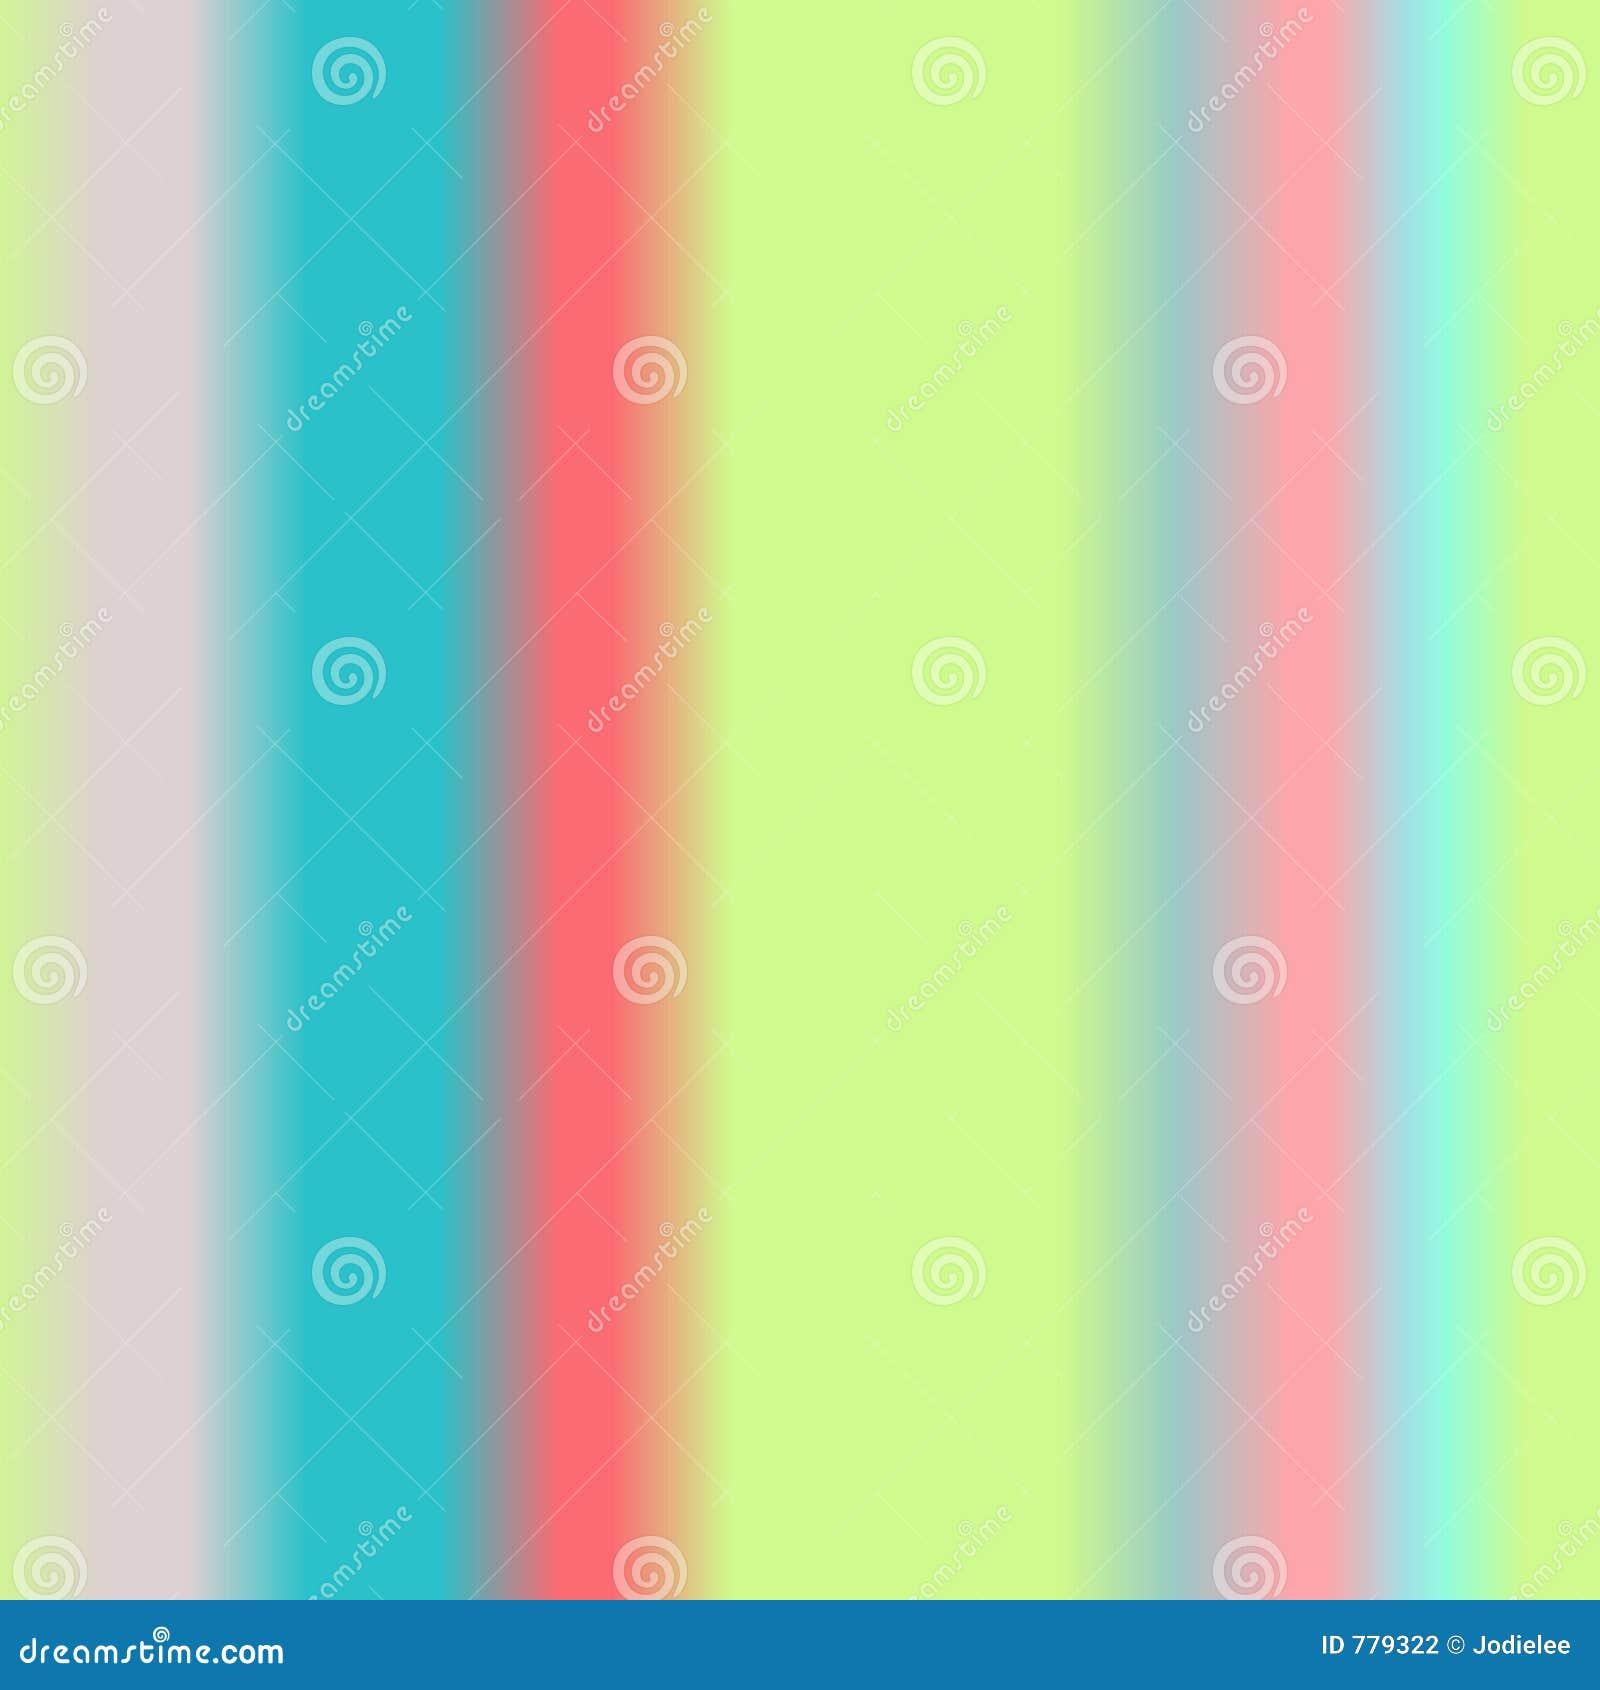 Achtergrond van de de kleuren de zachte abstracte waterverf van de regenboog